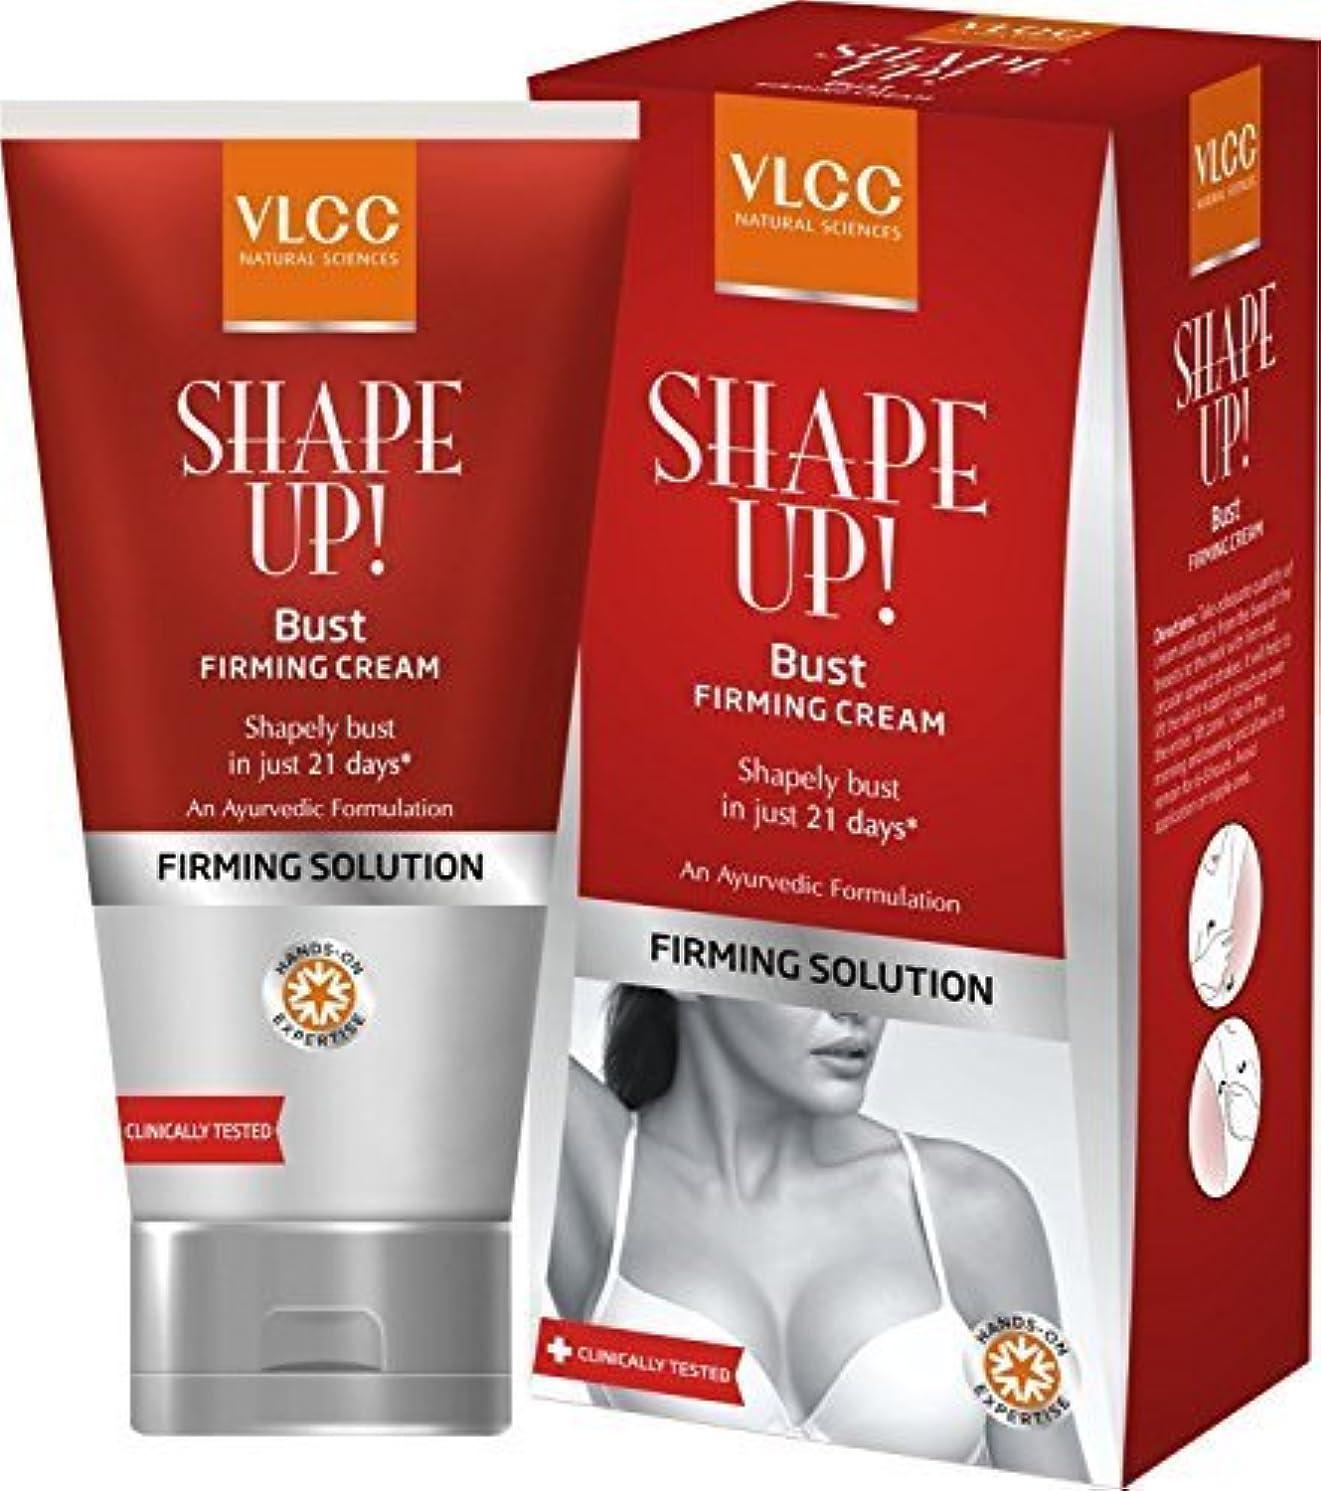 反対する戦士カトリック教徒VLCC Natural Sciences Shape Up Bust Firming Cream 100ml by VLCC [並行輸入品]